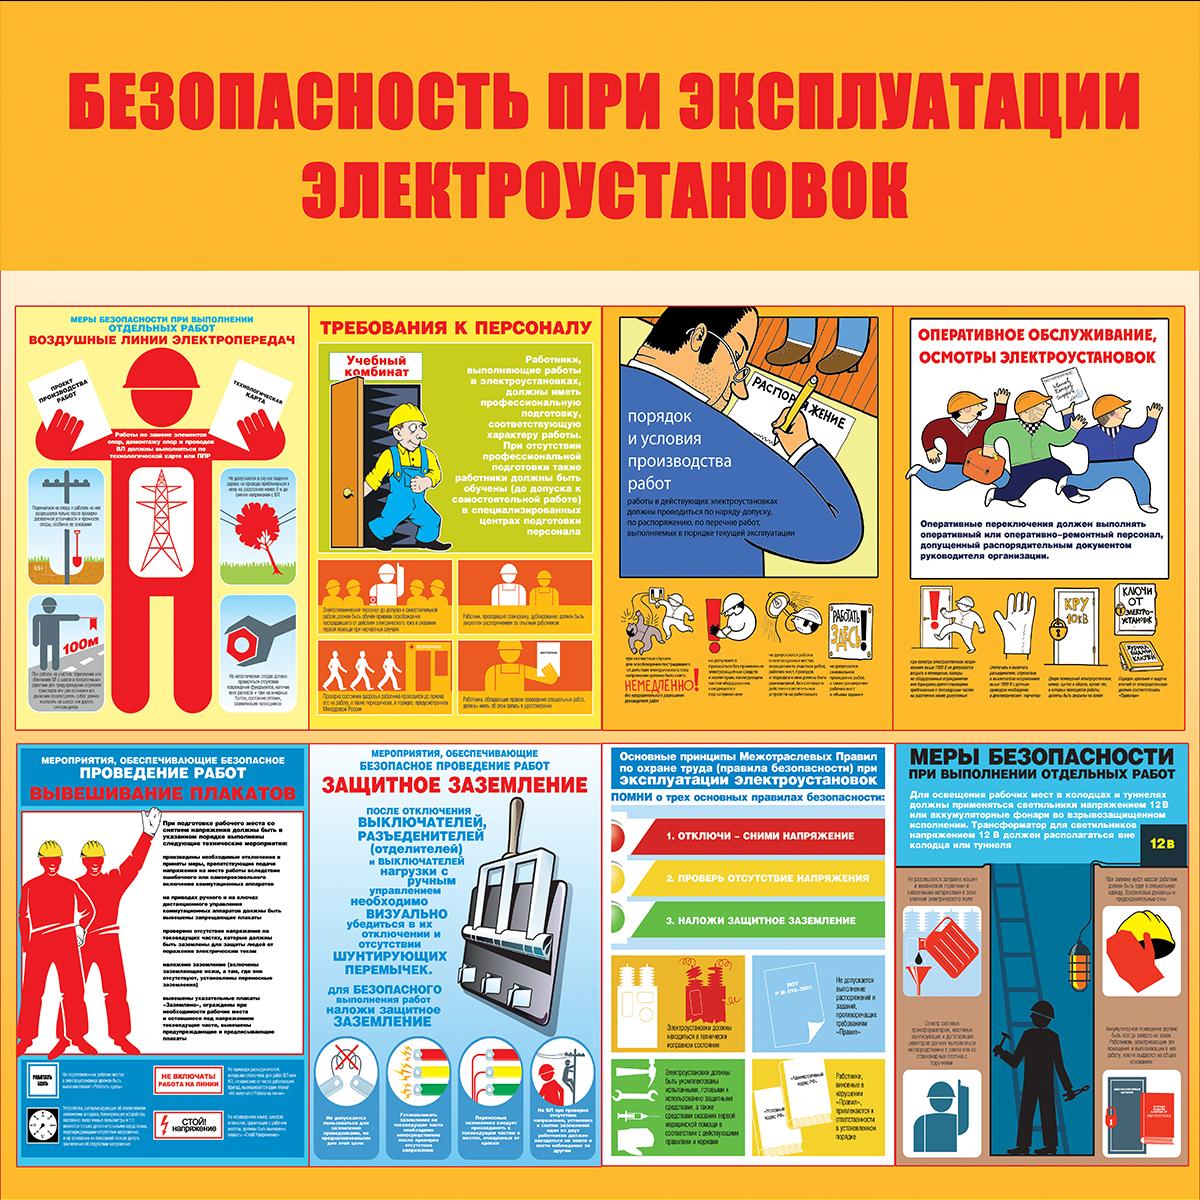 плакат Безопасная эсплуатация электроустановок  1000х1000 мм